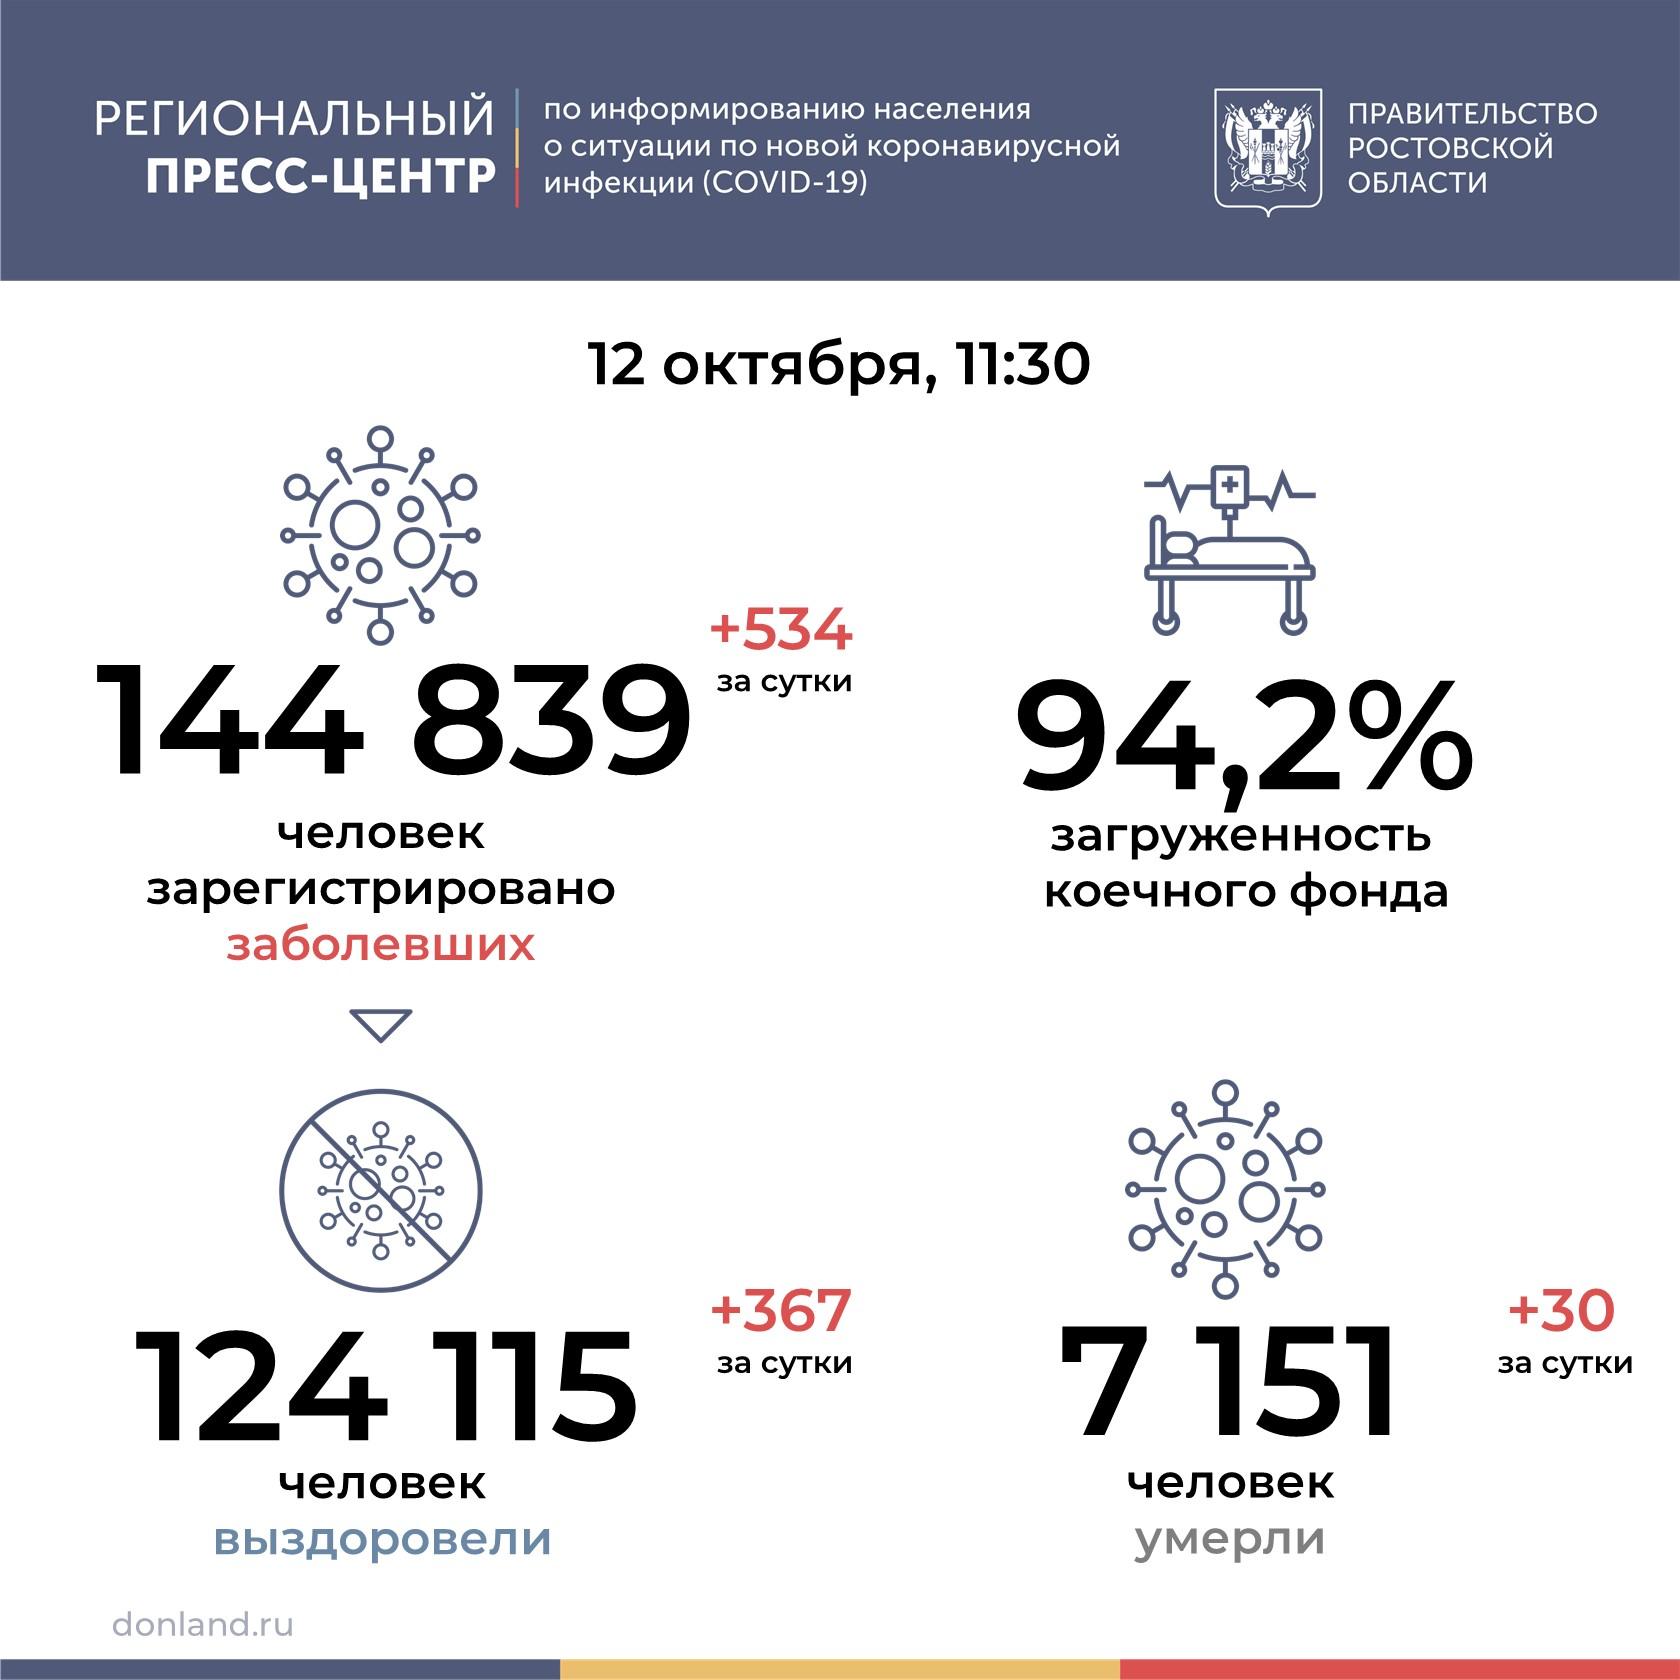 На Дону от COVID-19 умерли 30 человек